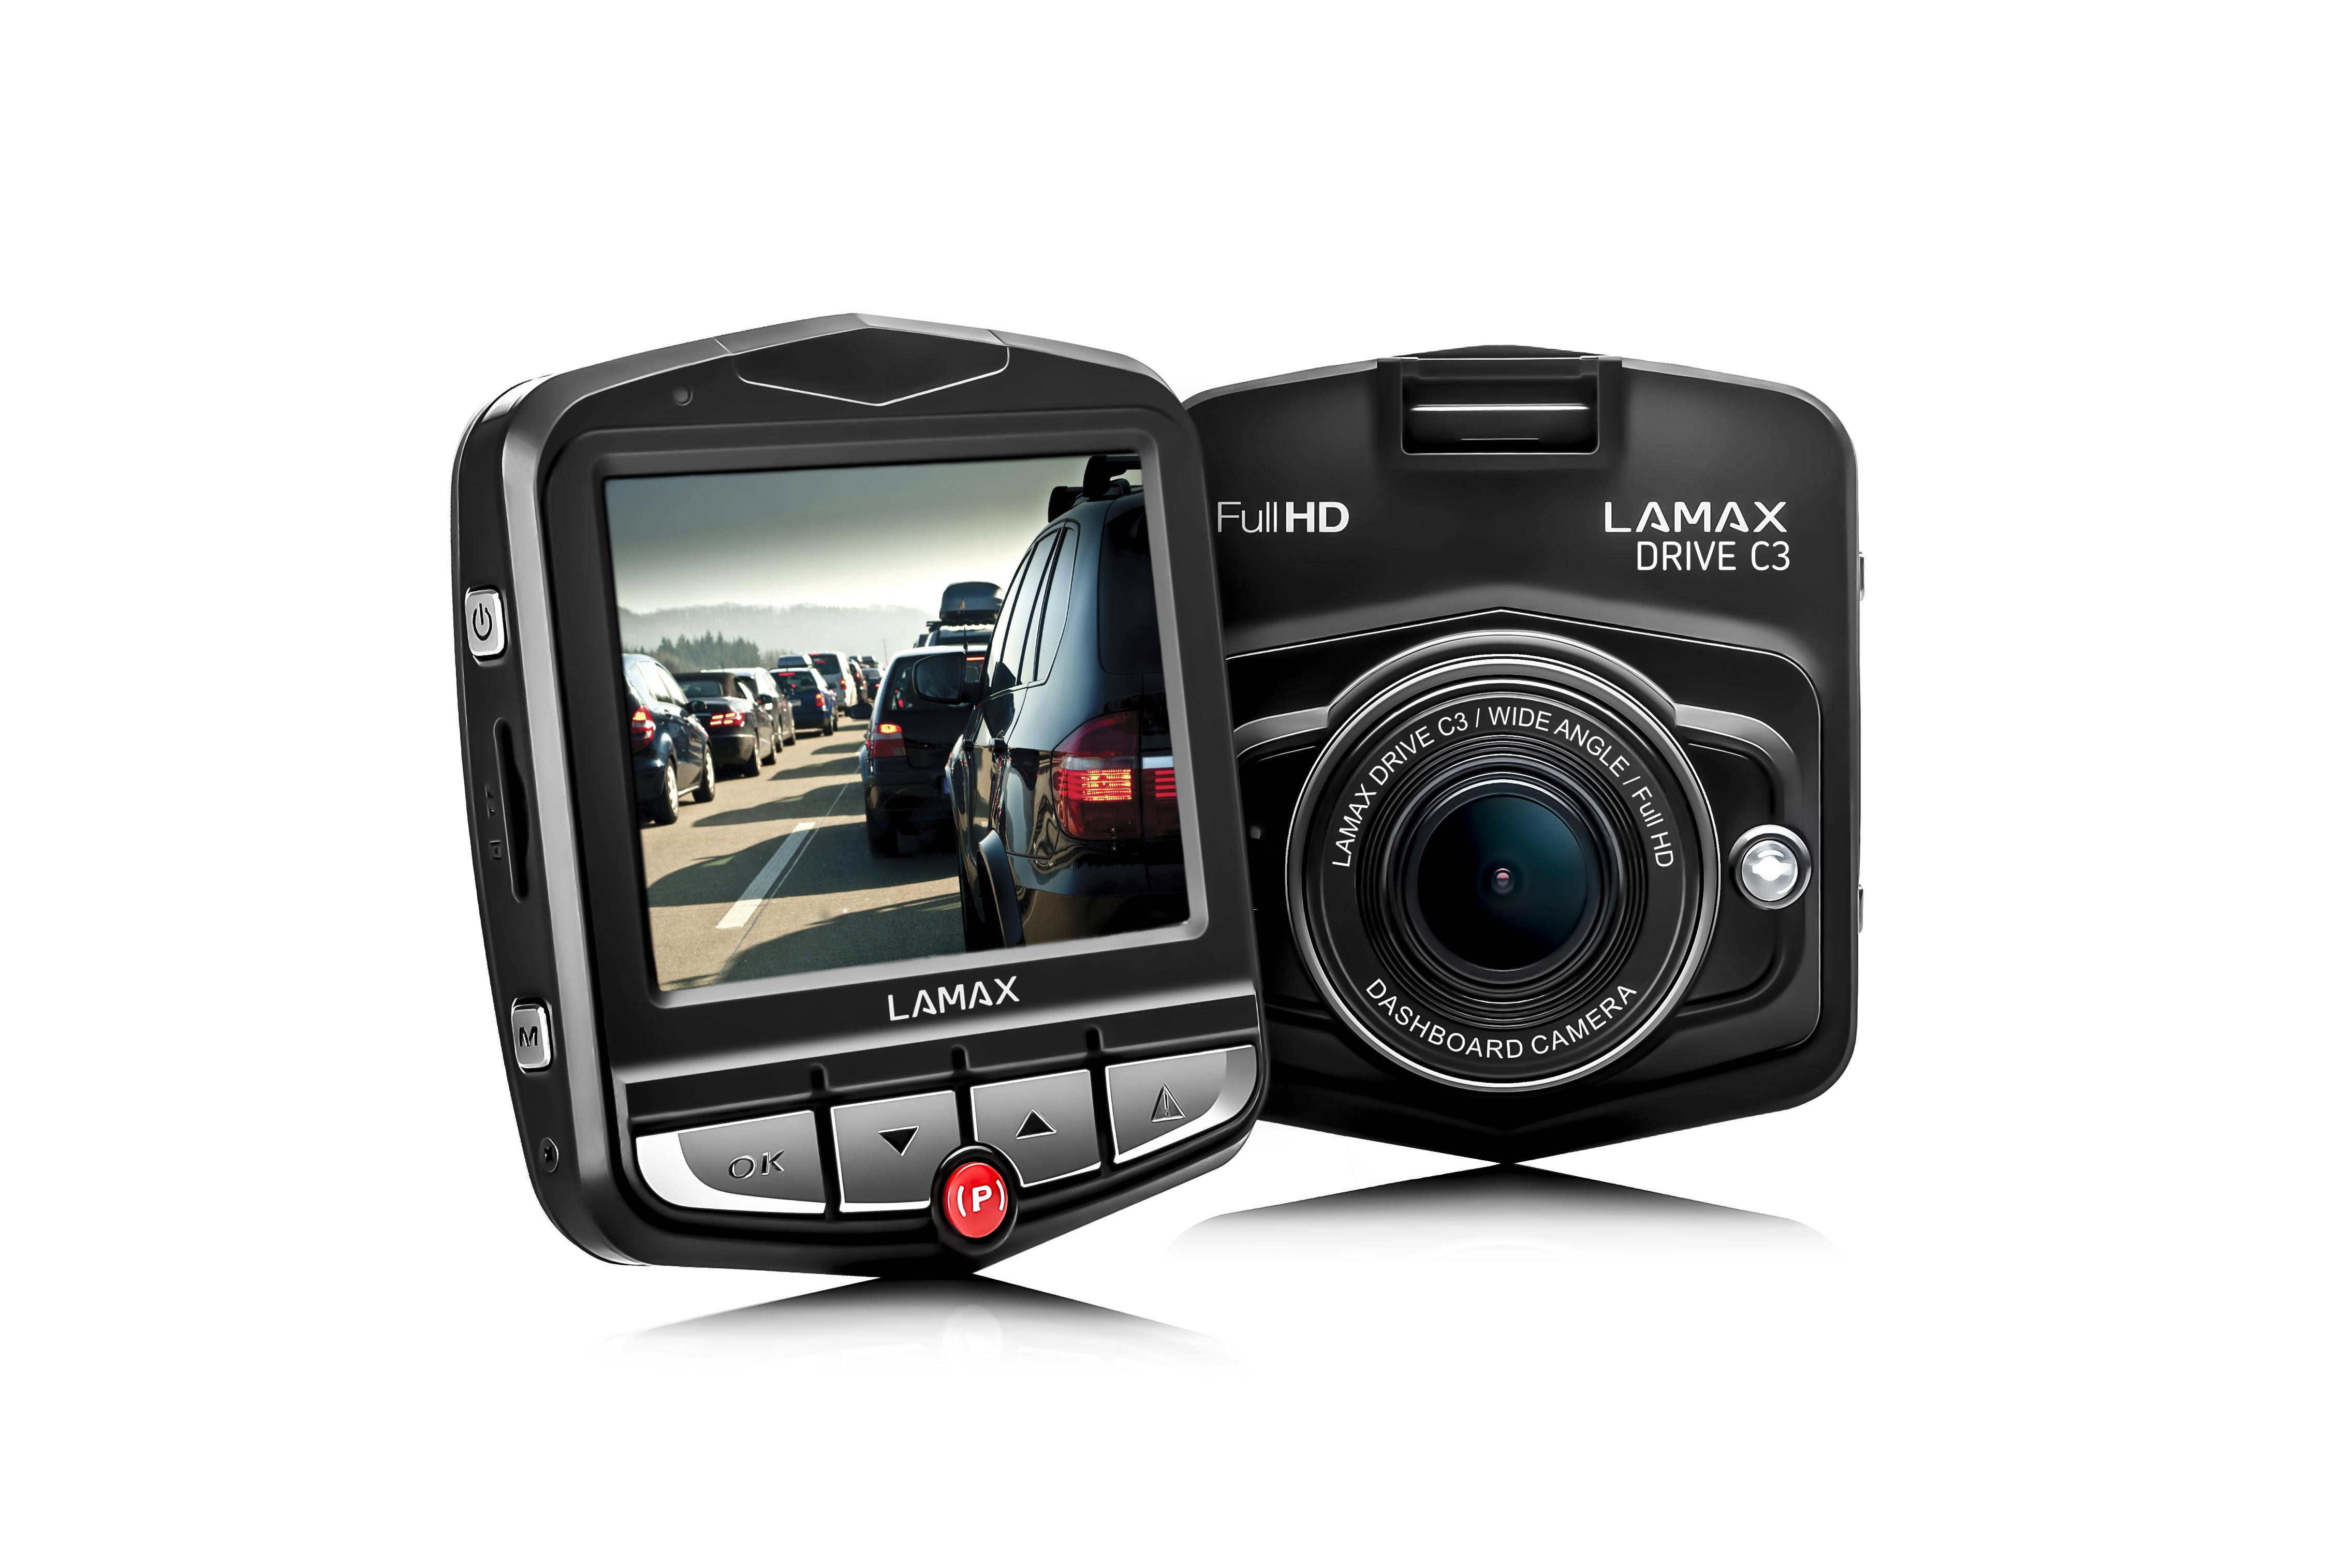 01-LAMAX-DRIVE-C3-8594175350753-composition